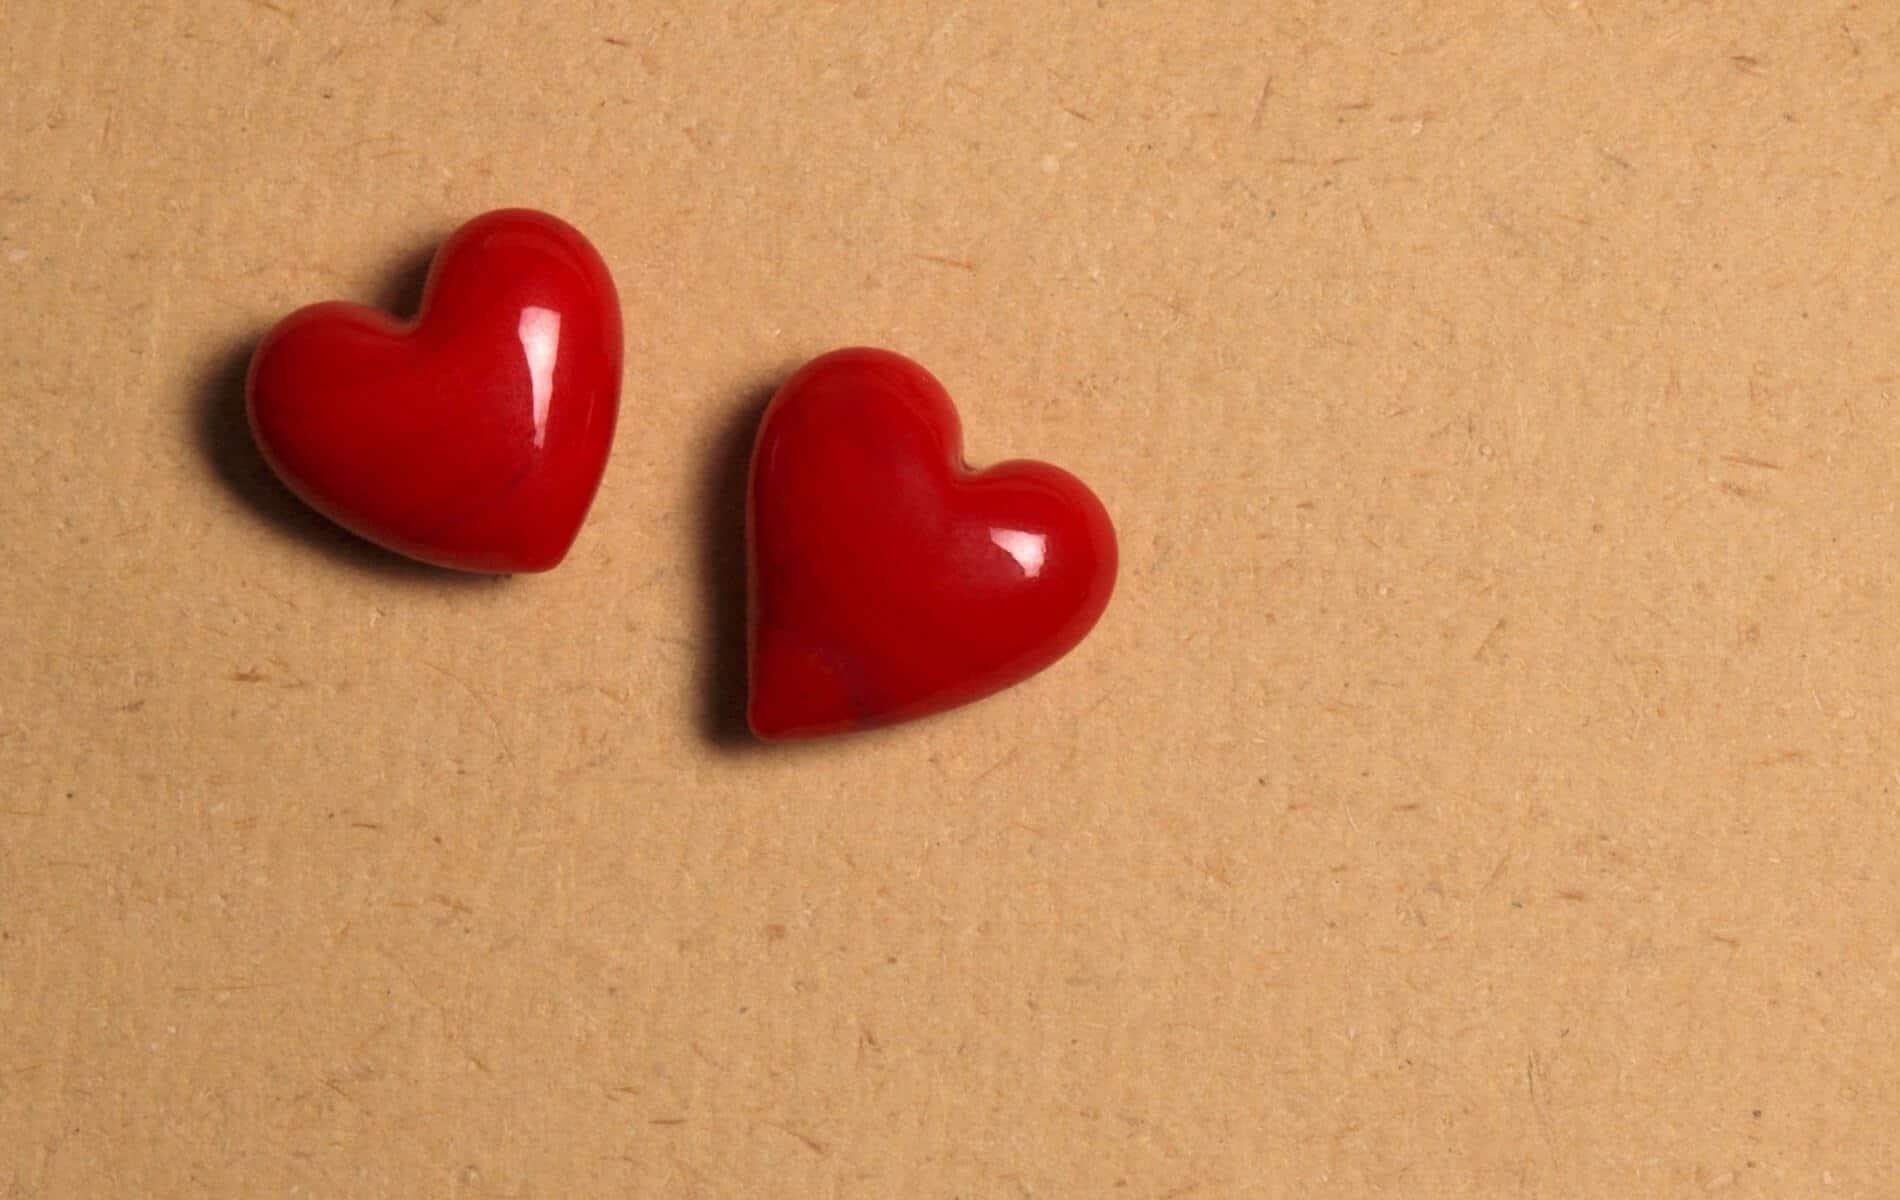 Die schönsten Zitate und Weisheiten rund um die Liebe